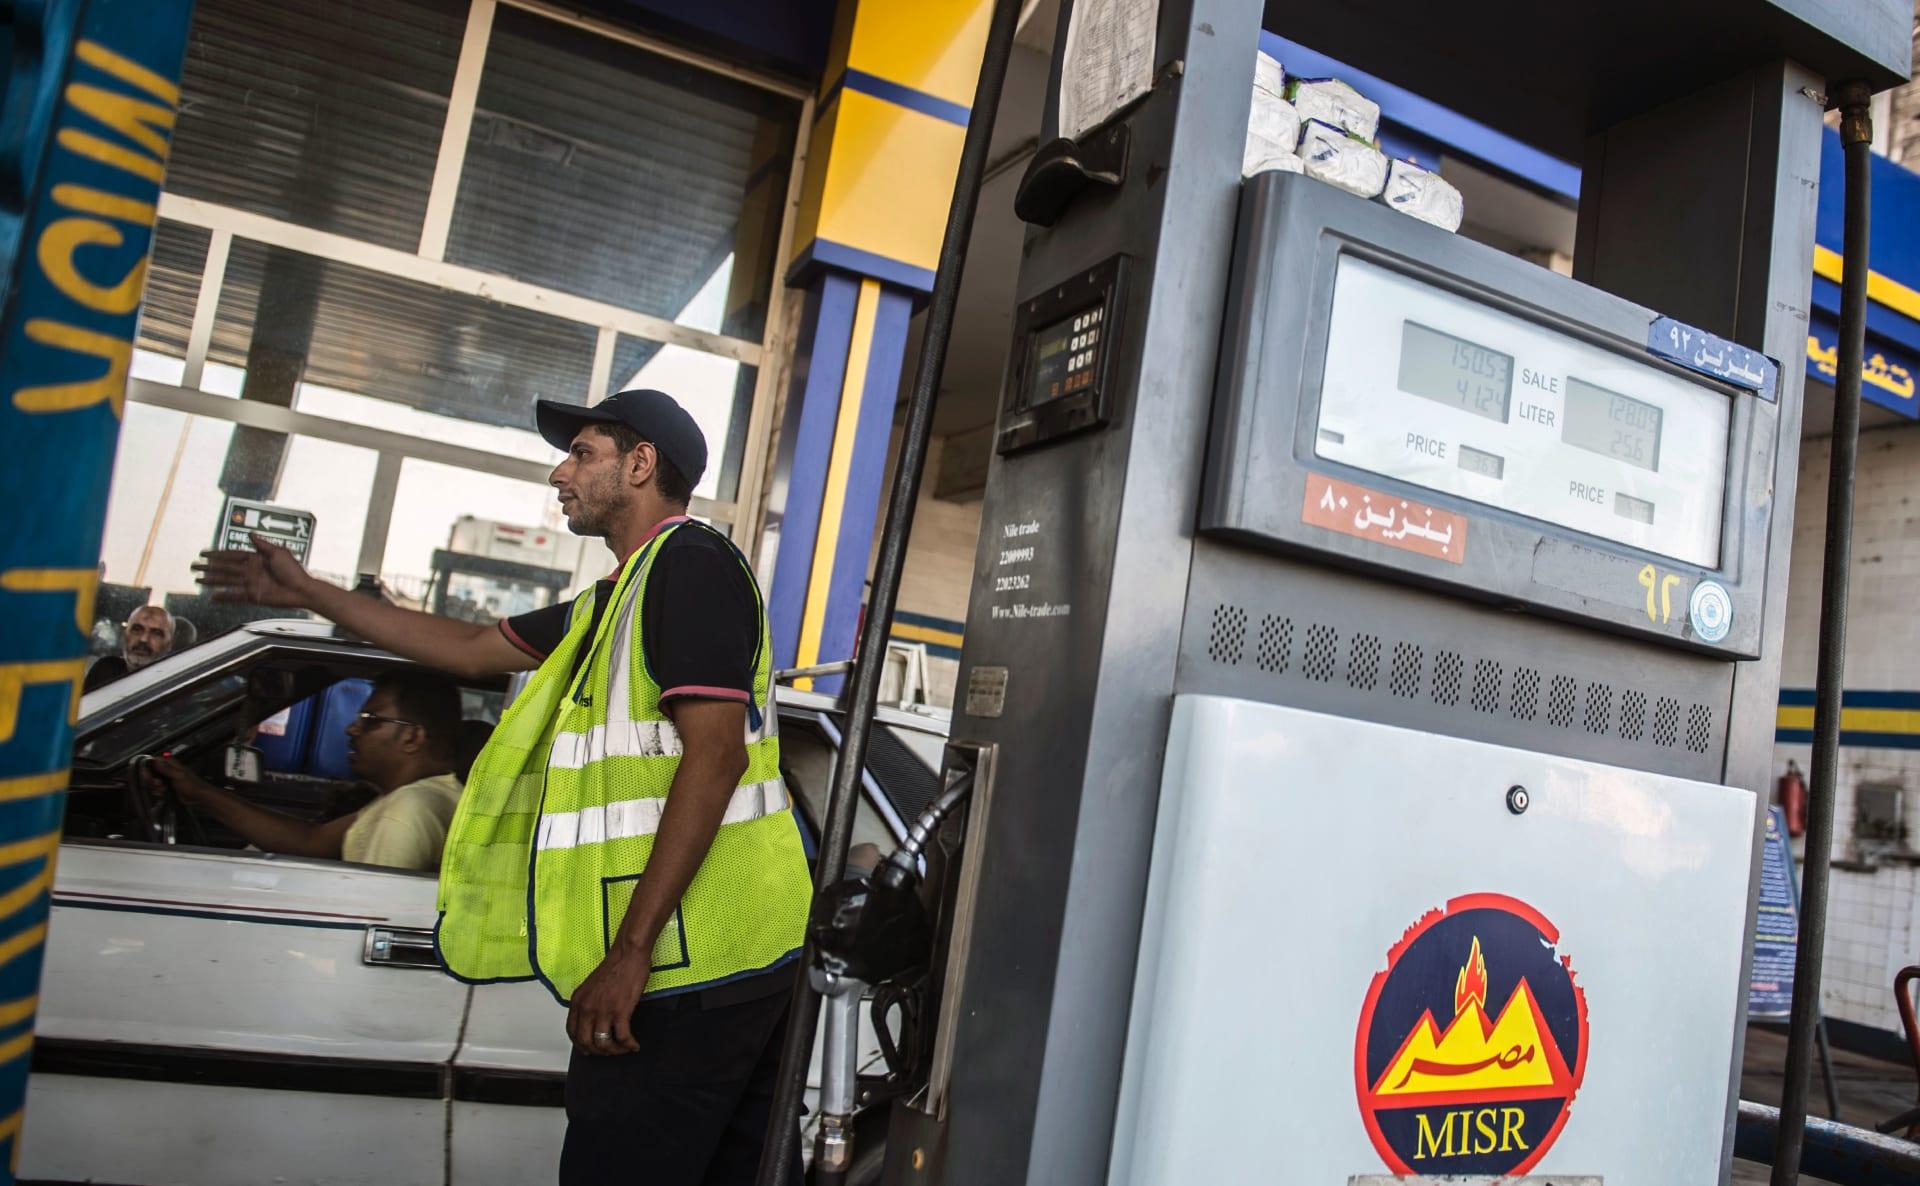 محطة بنزين في مصر